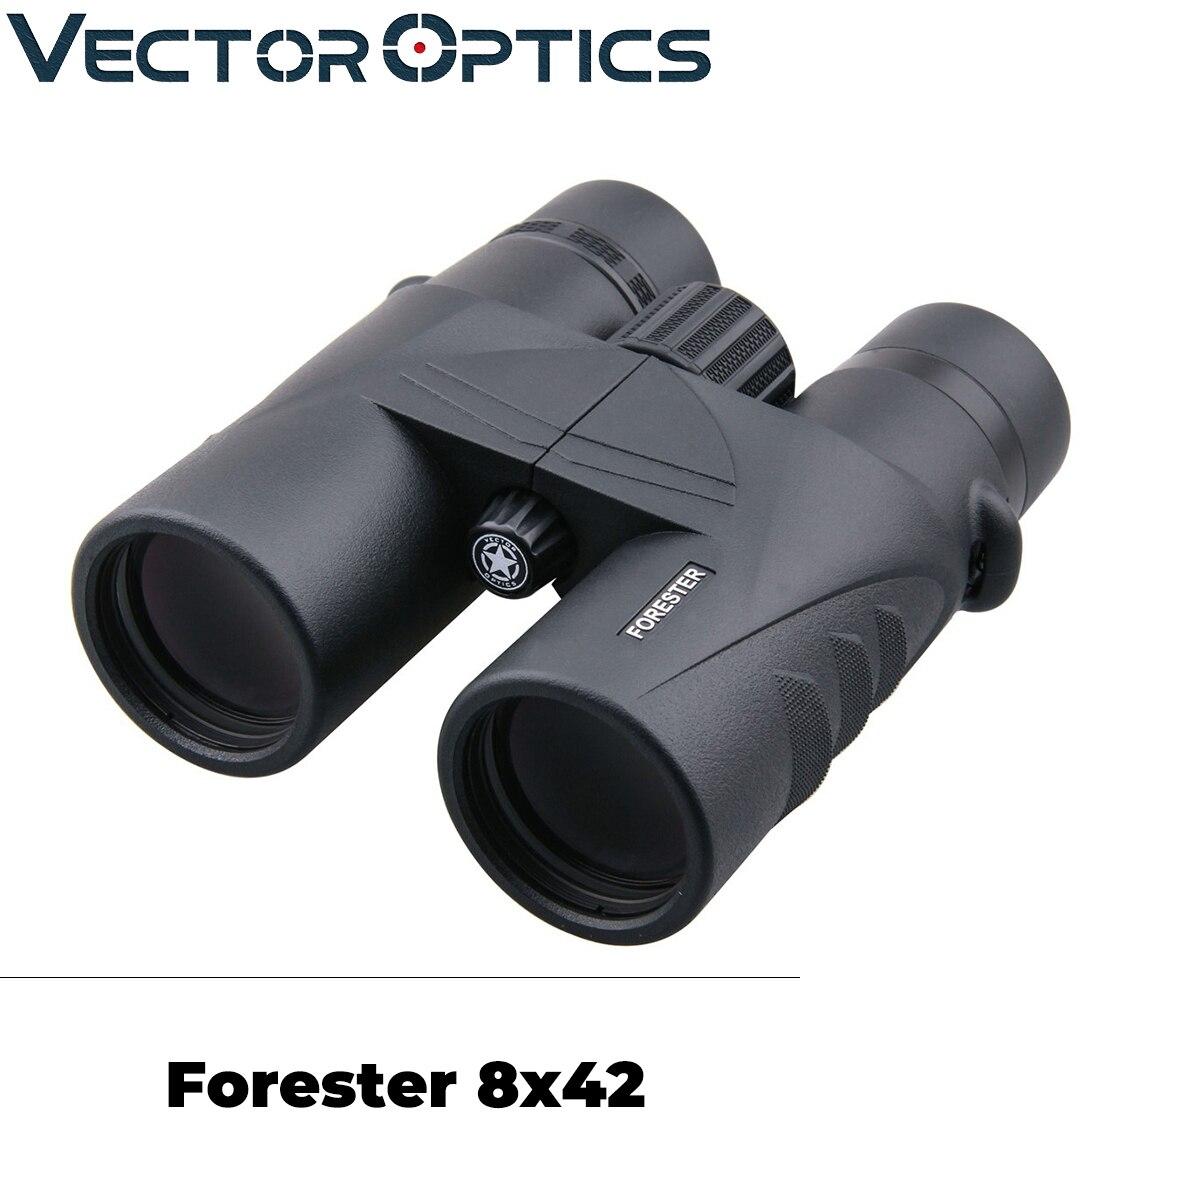 Vector Optics Forester 8x42 Fernglas Wasserdicht Prism Bak4 Mit FMC 6 Objektiv für Jagd Vogel Beobachten Outdoor reisen